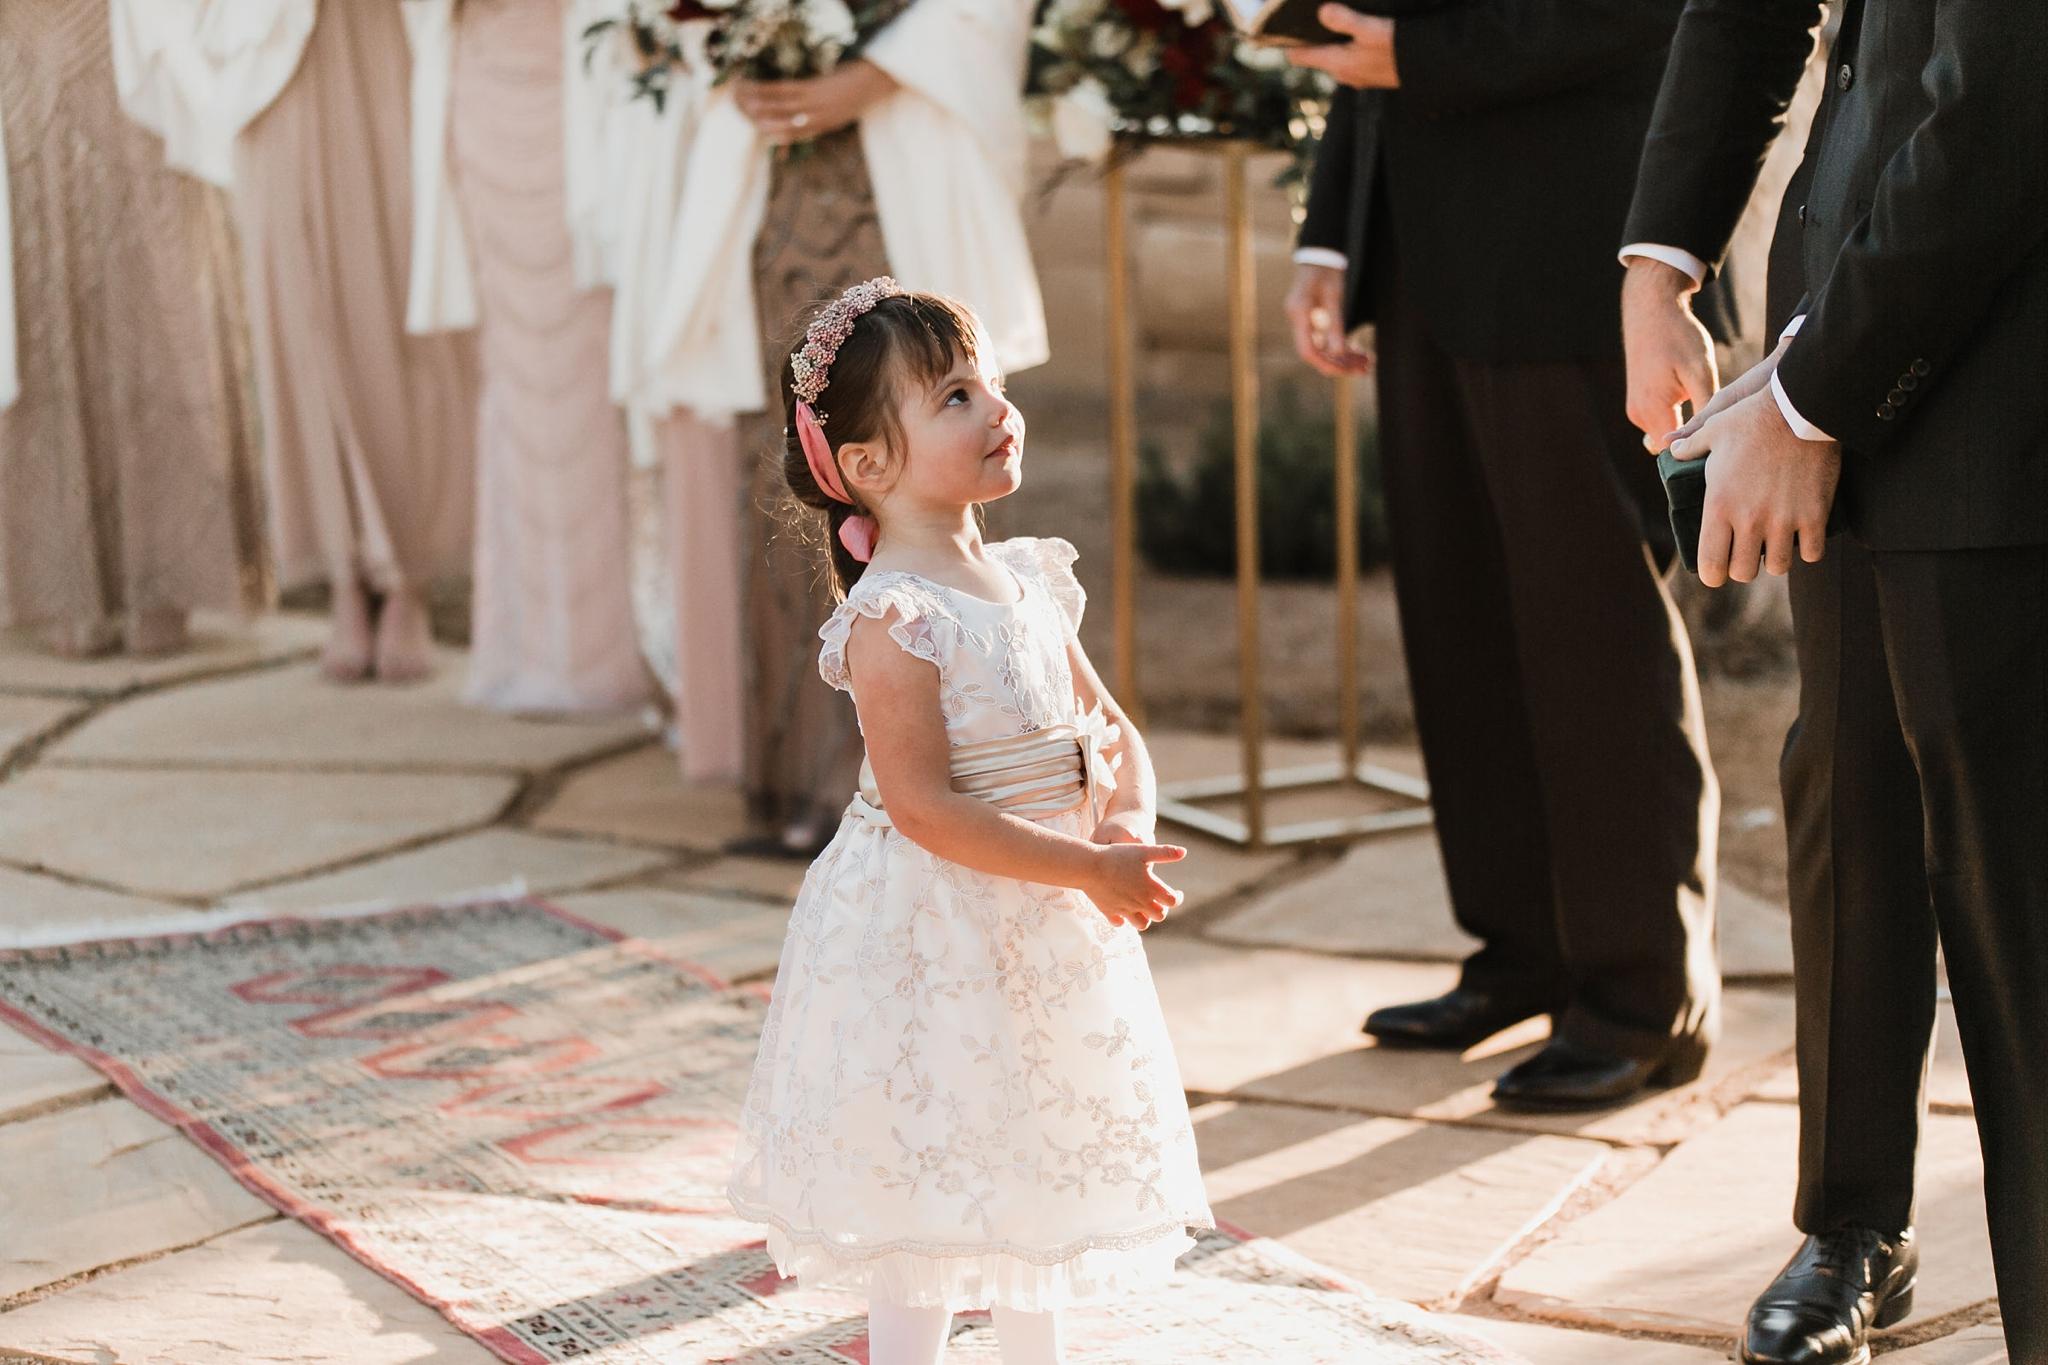 Alicia+lucia+photography+-+albuquerque+wedding+photographer+-+santa+fe+wedding+photography+-+new+mexico+wedding+photographer+-+new+mexico+wedding+-+santa+fe+wedding+-+four+seasons+wedding+-+winter+wedding_0046.jpg